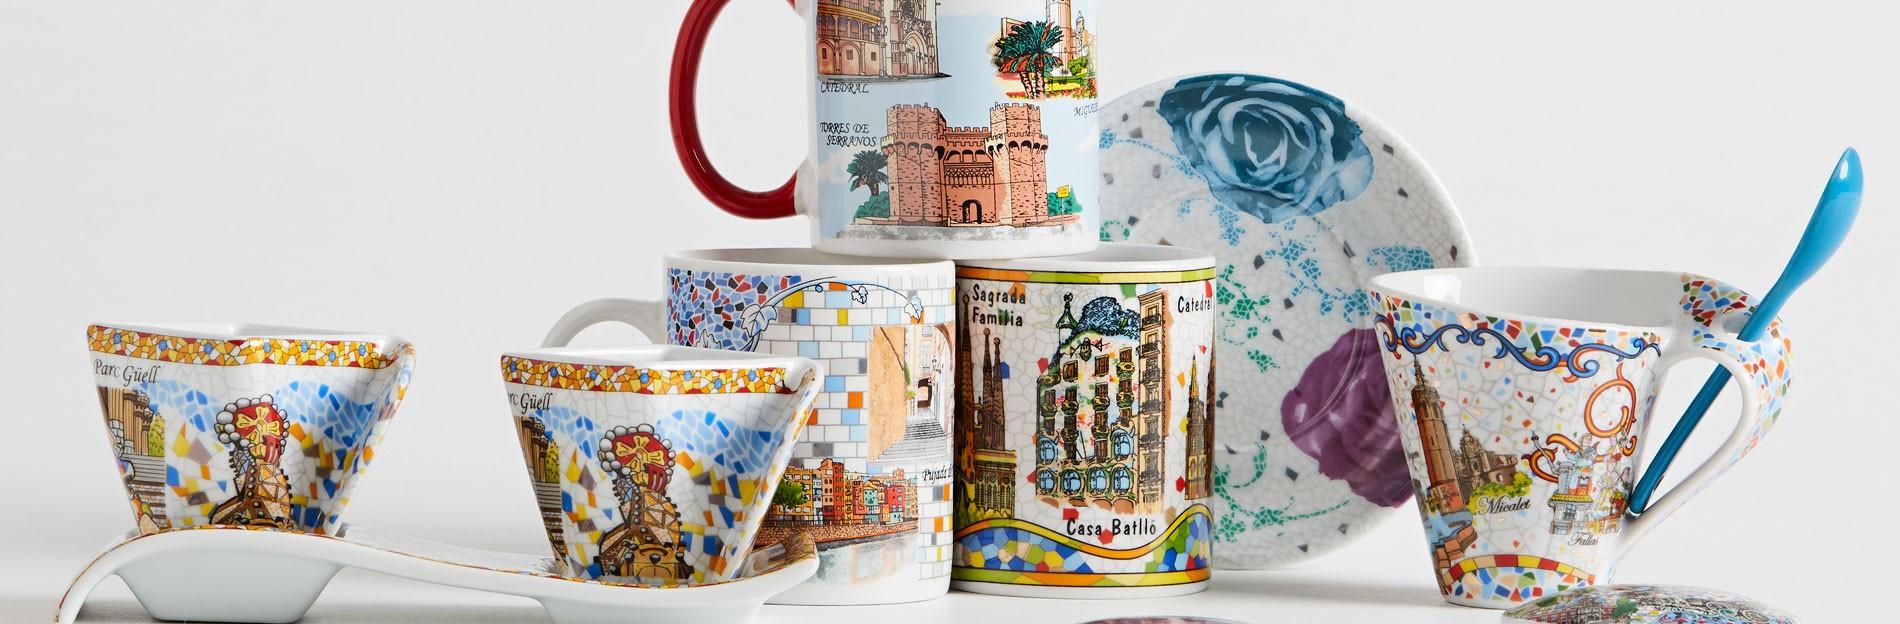 Souvenirs de Barcelona